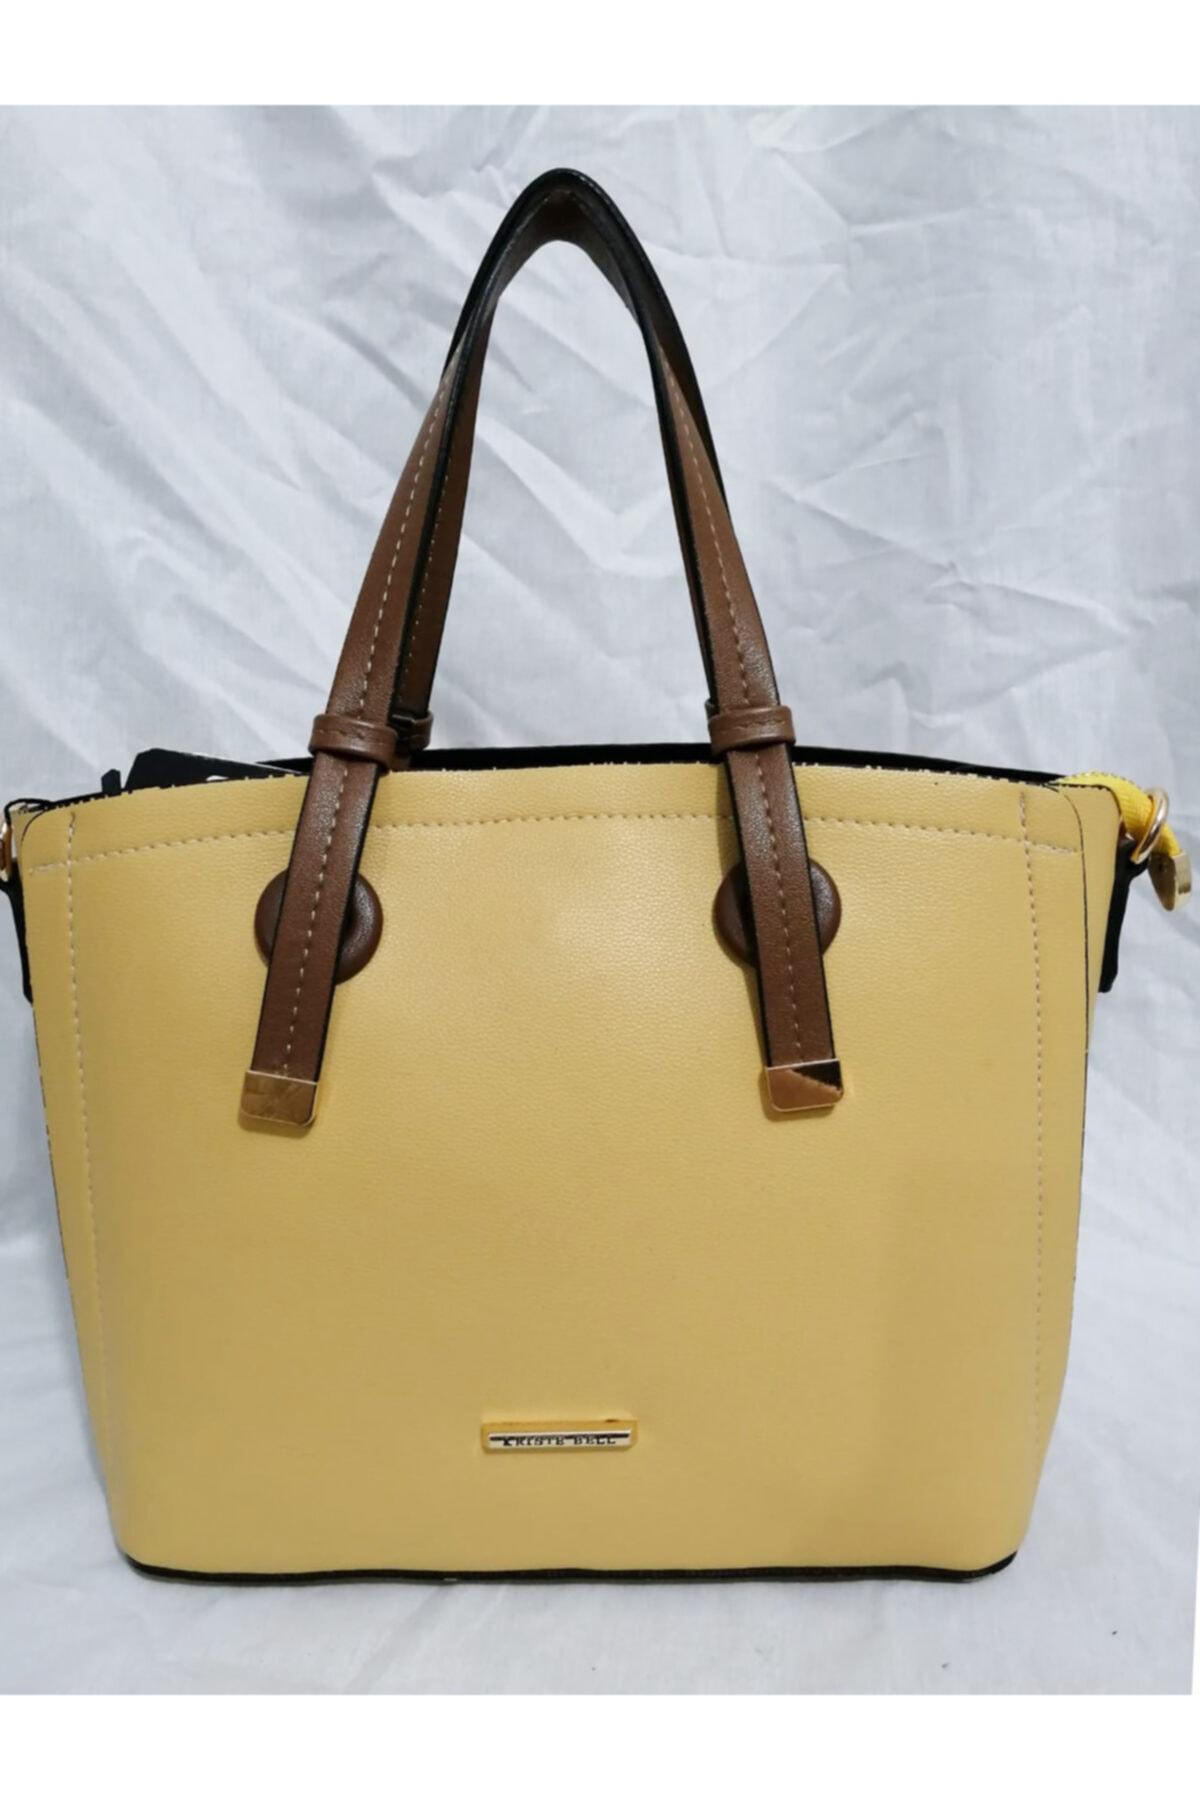 KRISTE BELL Kadın Sarı Klasik Model Kalıplı Orta Boy Kol El Çantası 1